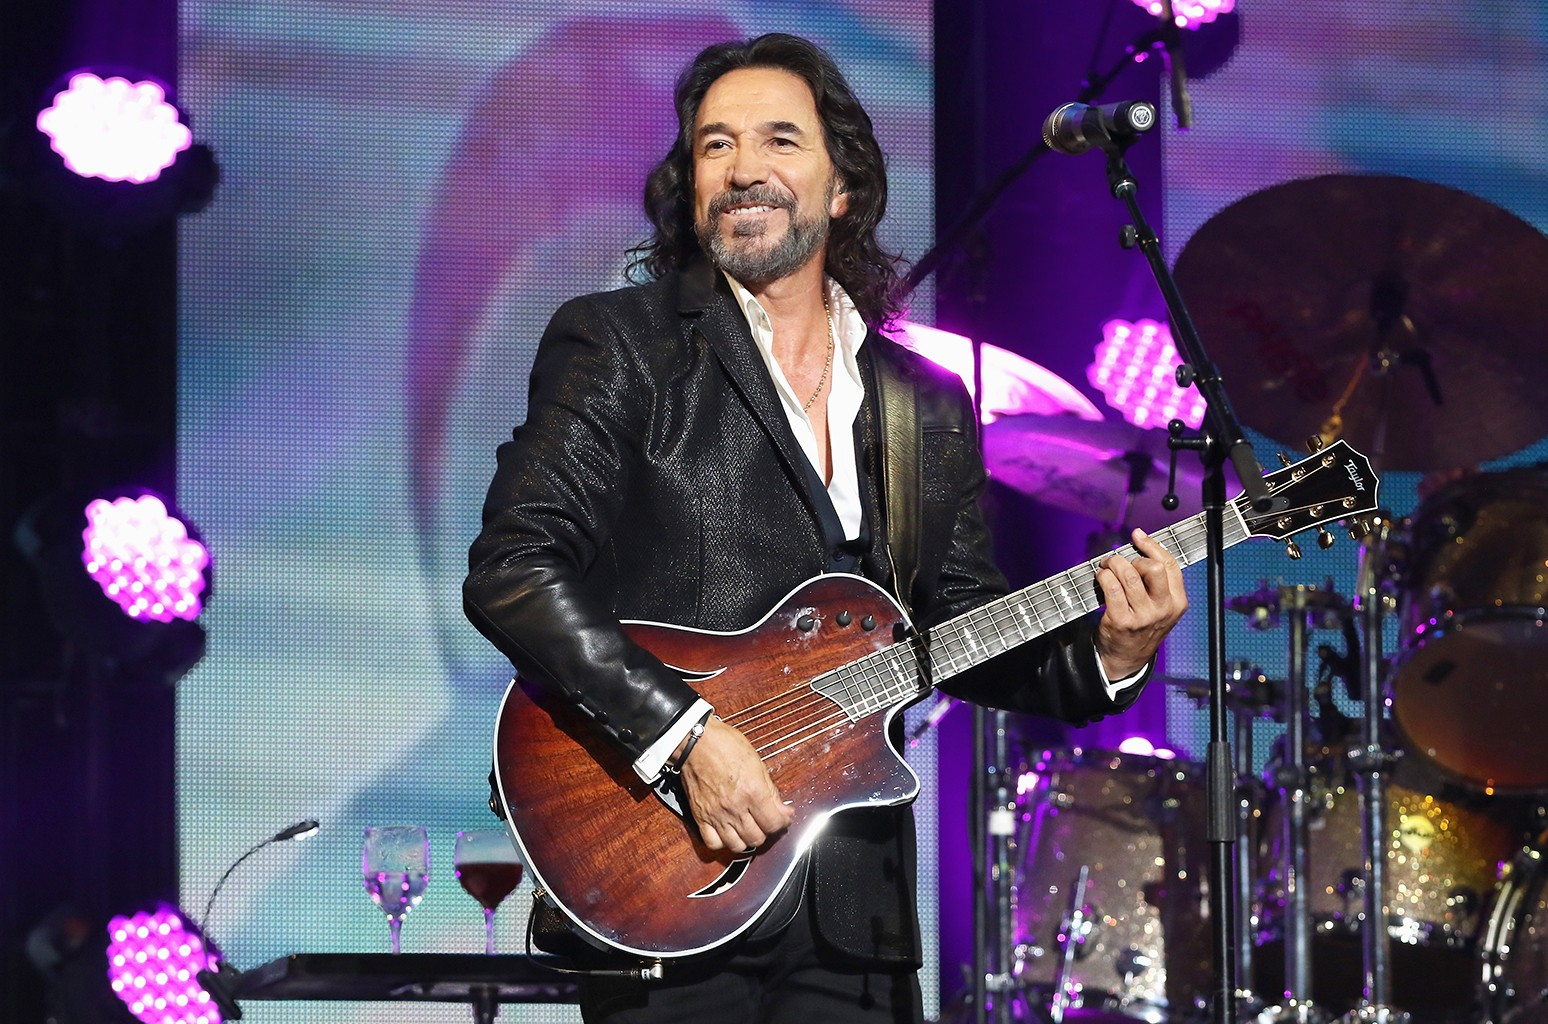 Marco Antonio Solis performs in Miami